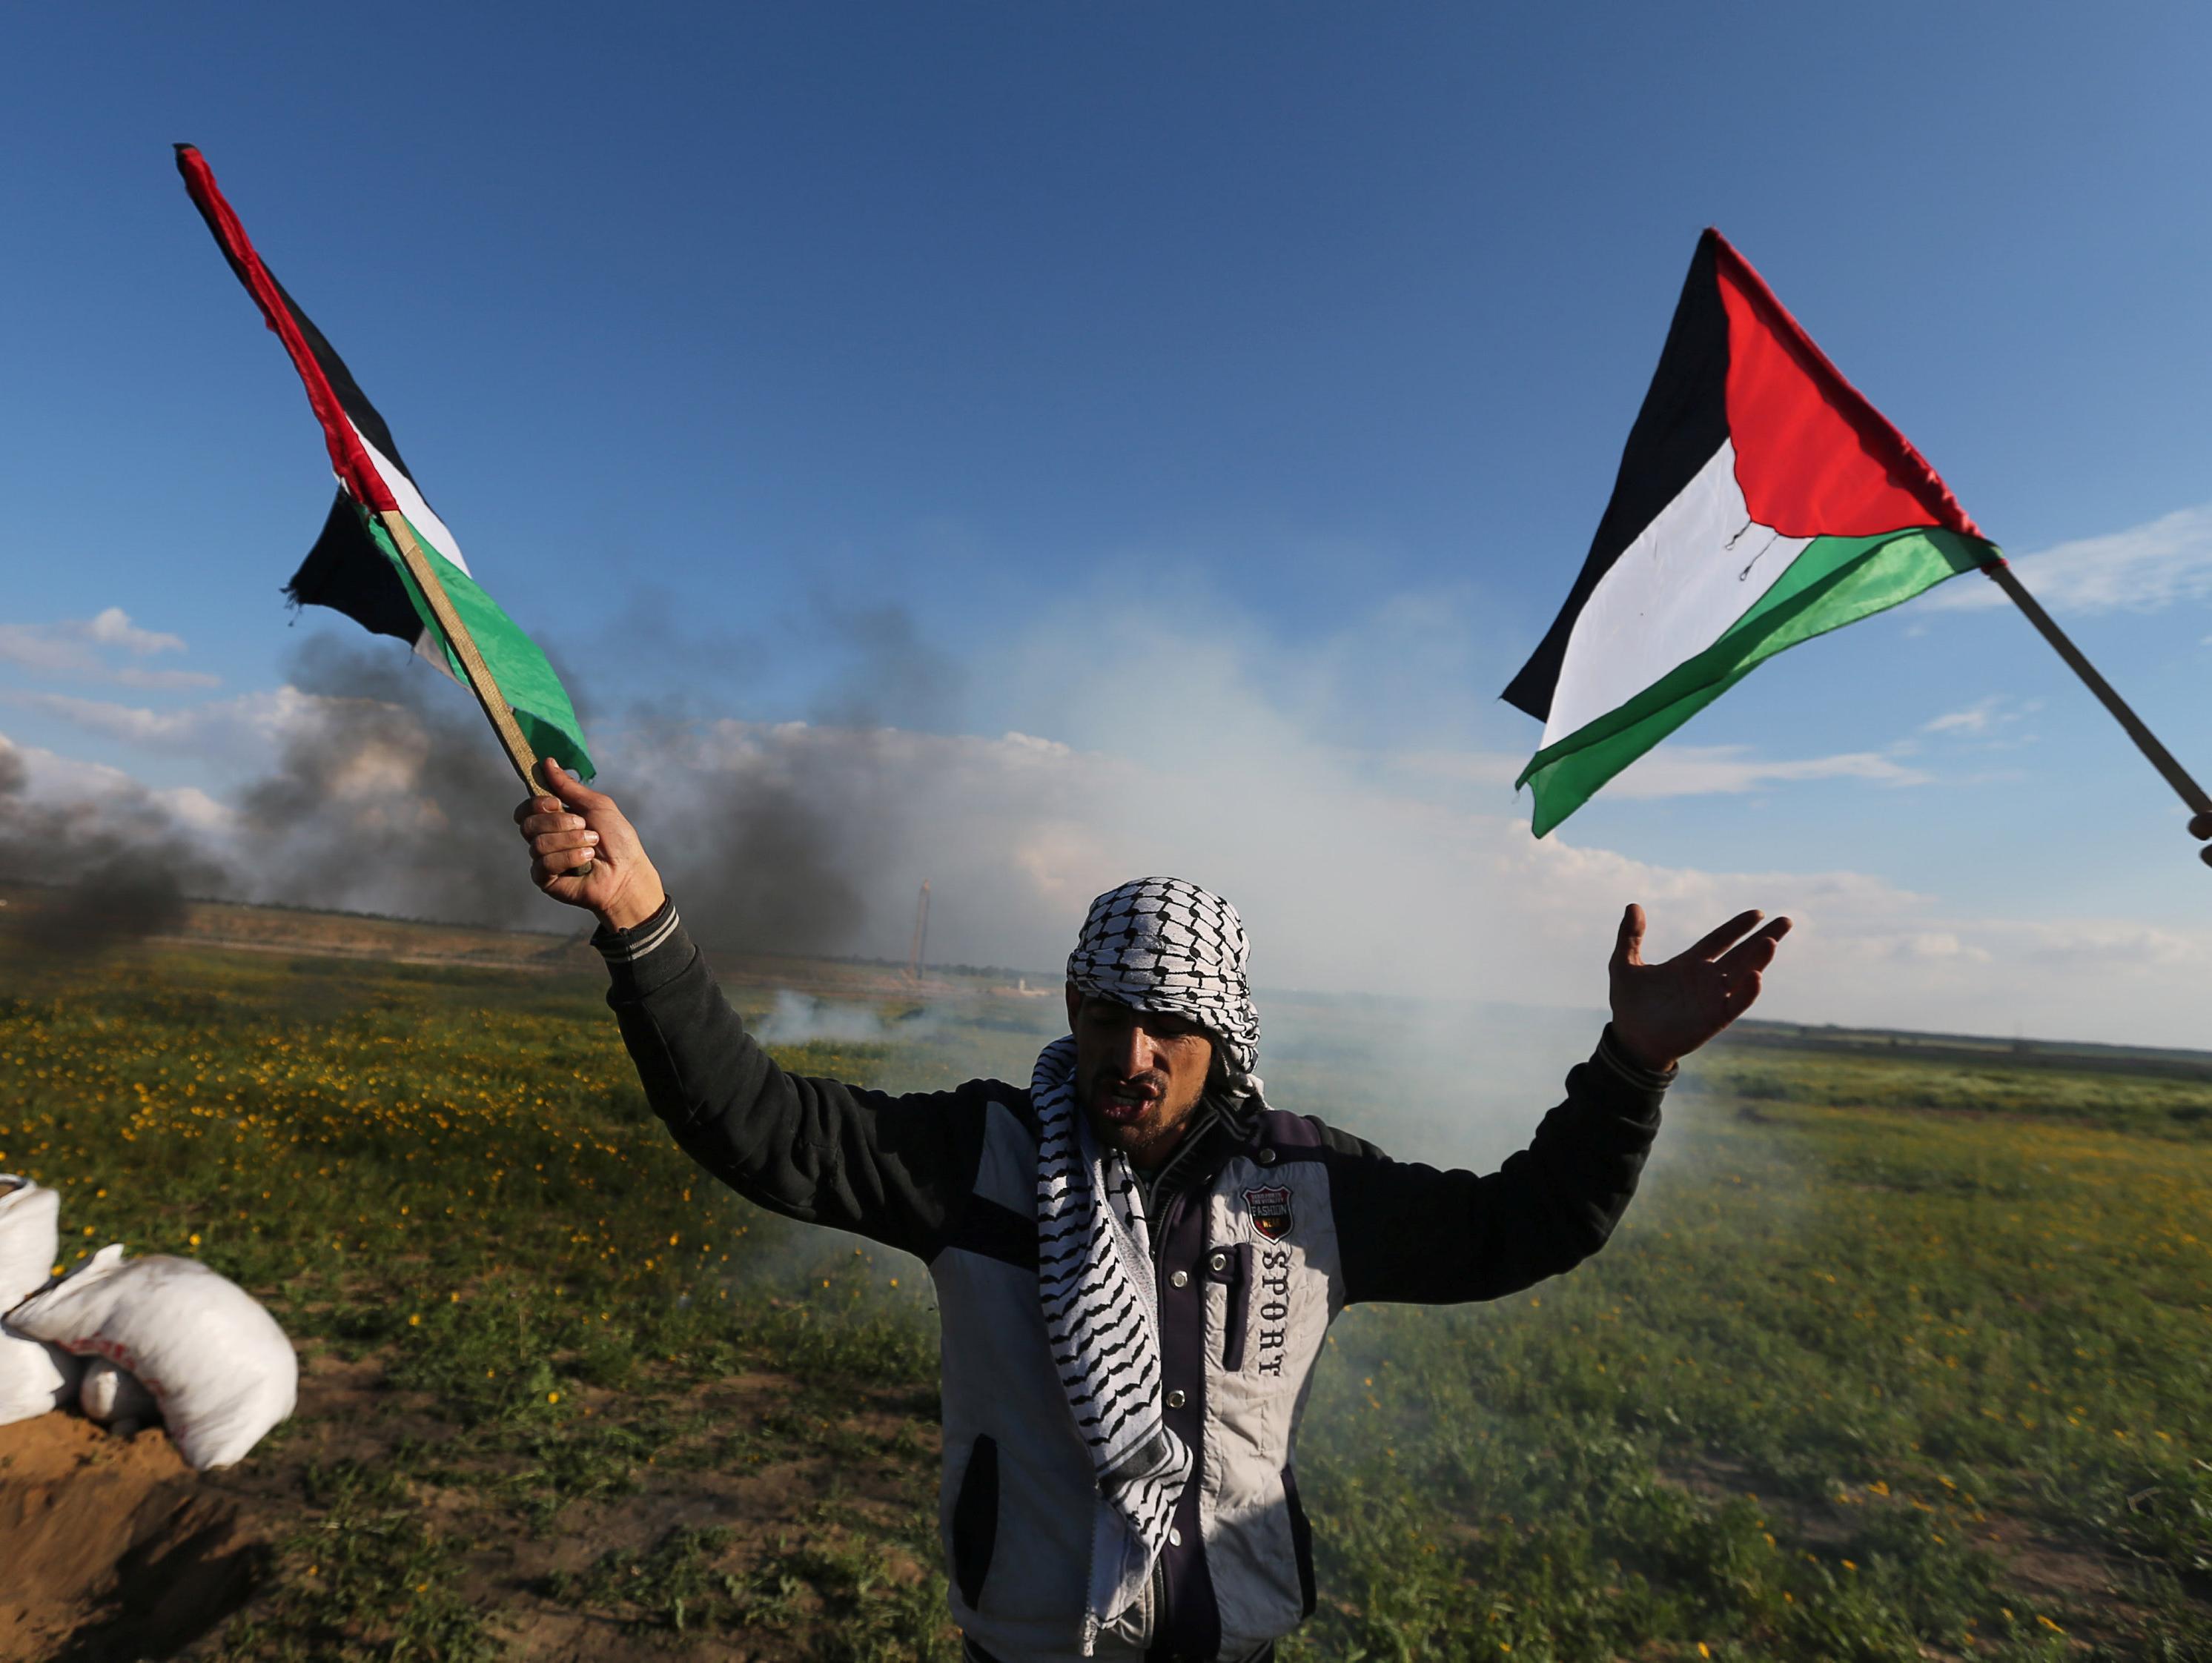 הפלסטינים: נער נורה למוות בעימותים עם צה